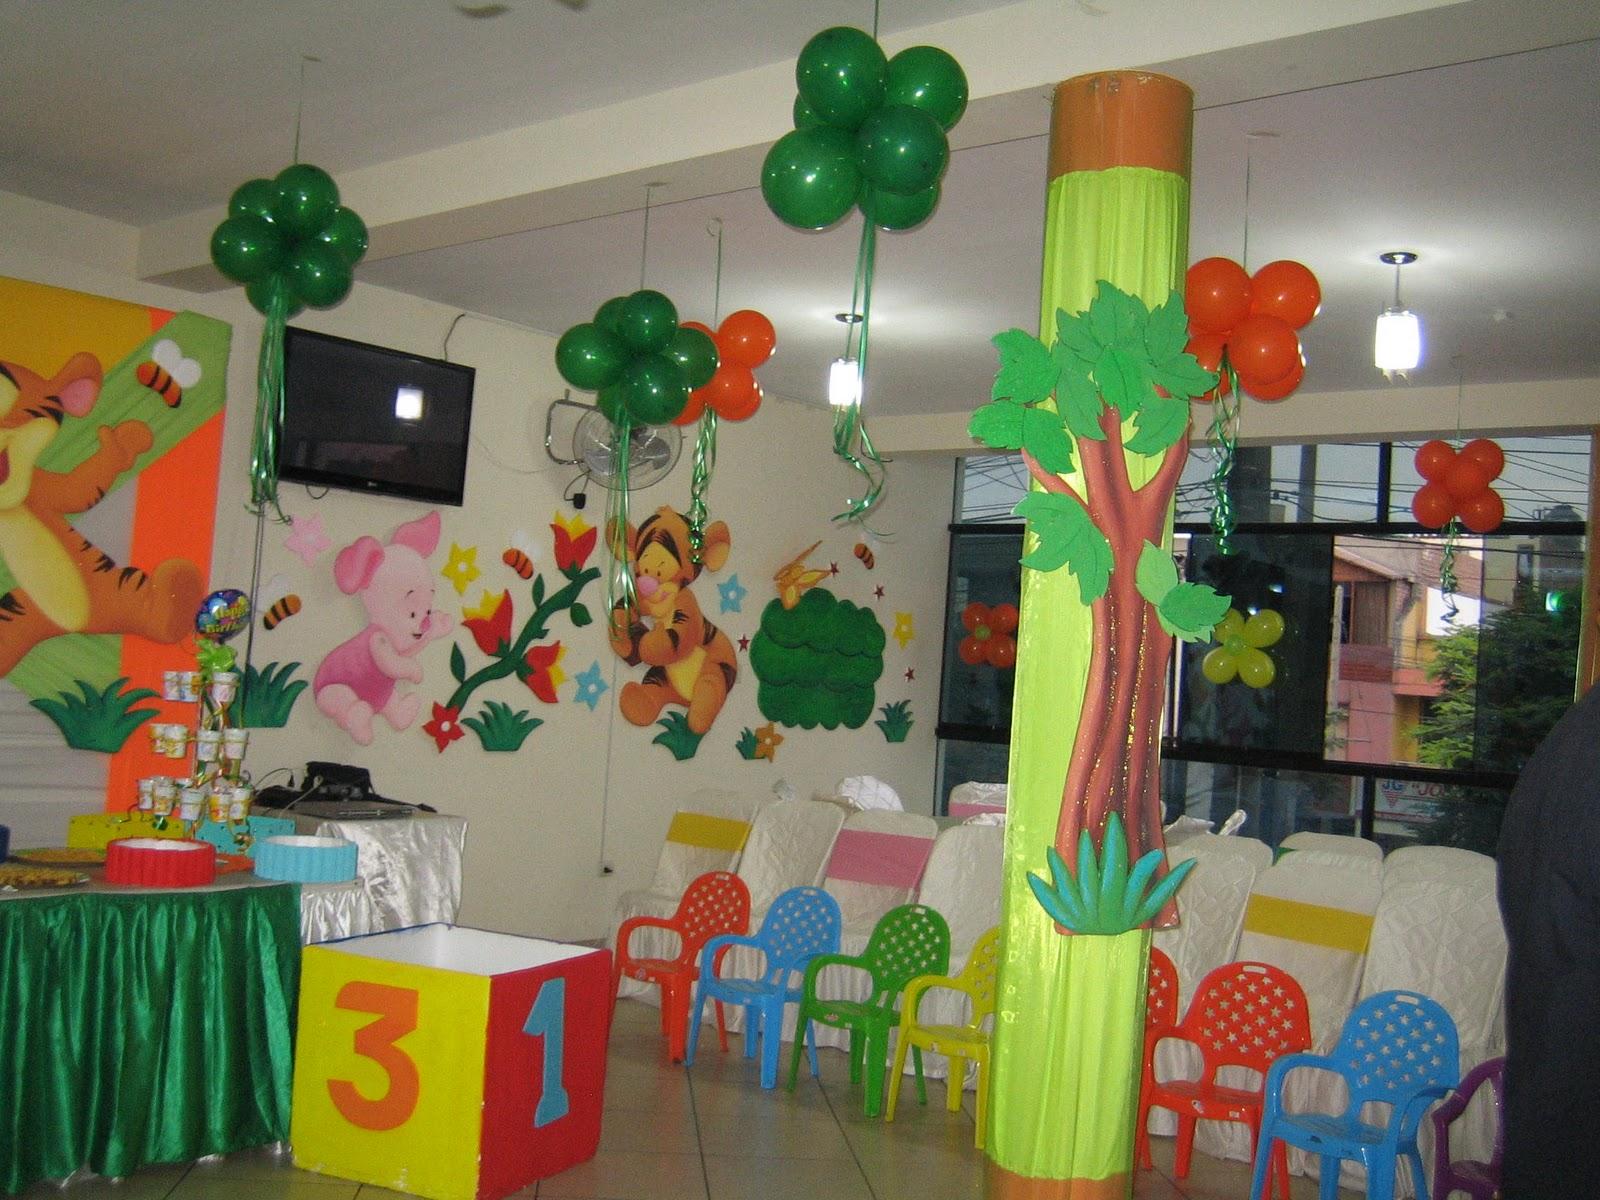 Decoracion fiesta de winnie pooh bebe for Decoracion winnie pooh para fiesta infantil